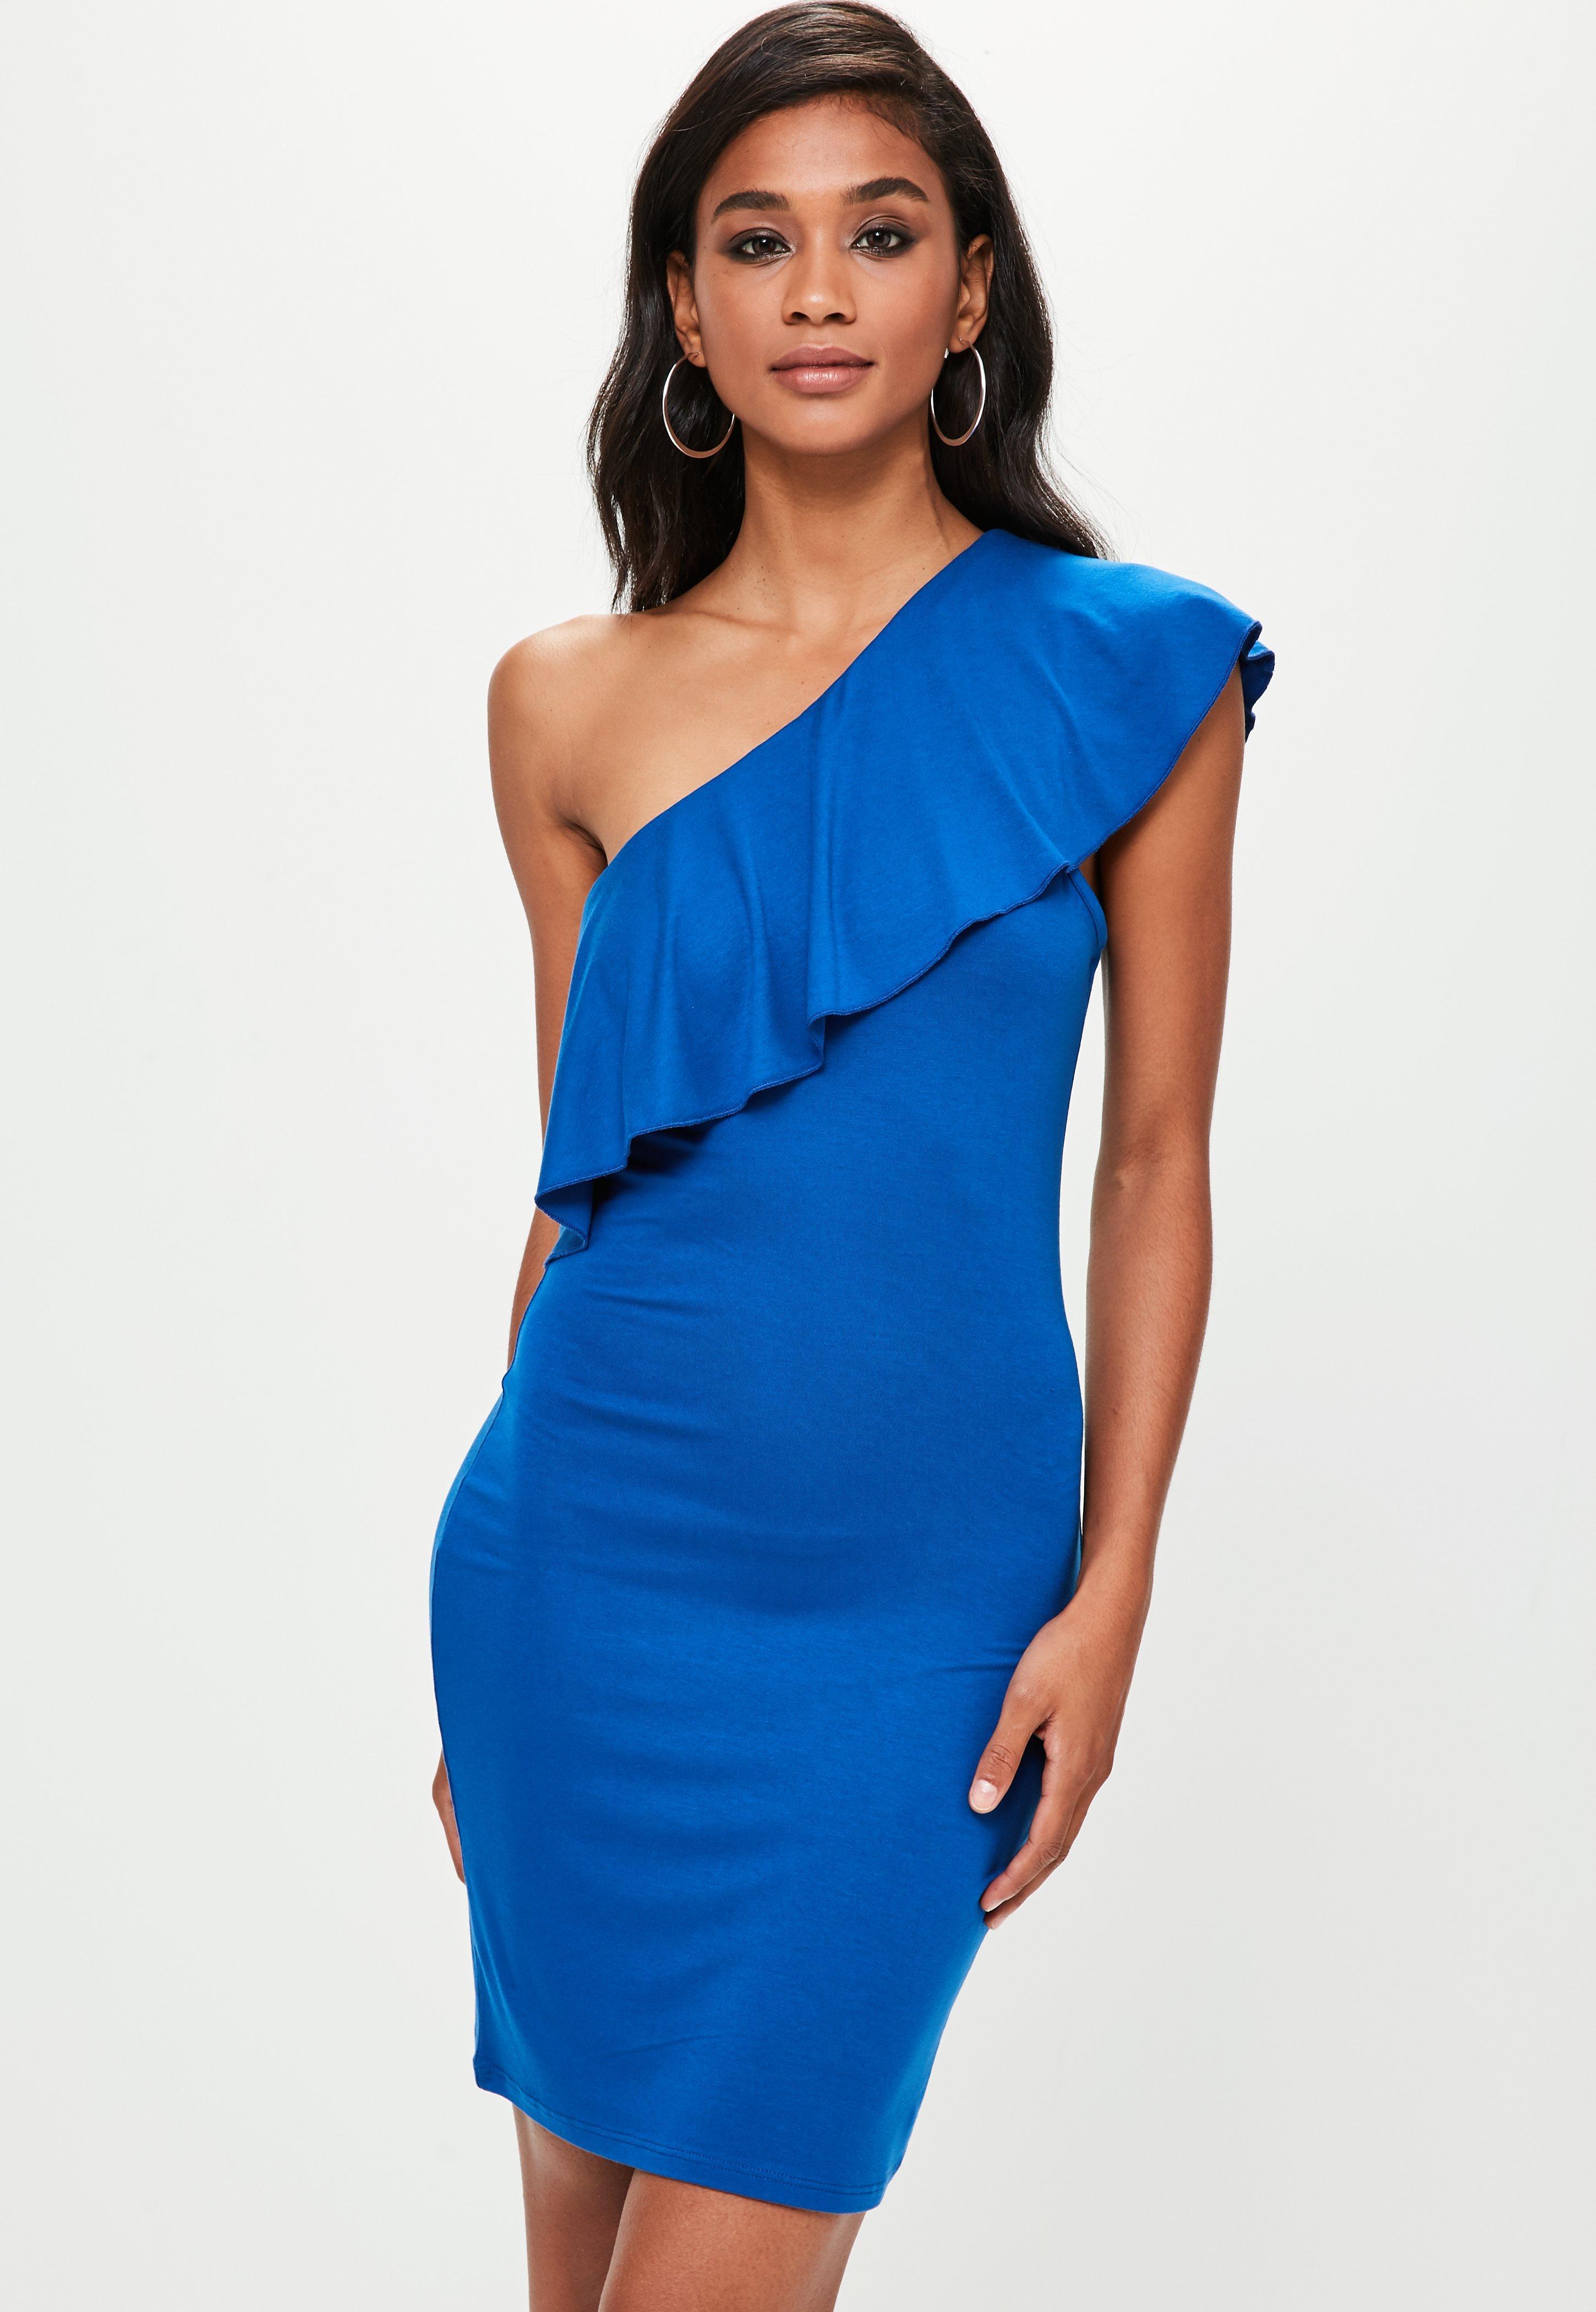 Großartig Cocktail Blaues Kleid Fotos - Hochzeit Kleid Stile Ideen ...